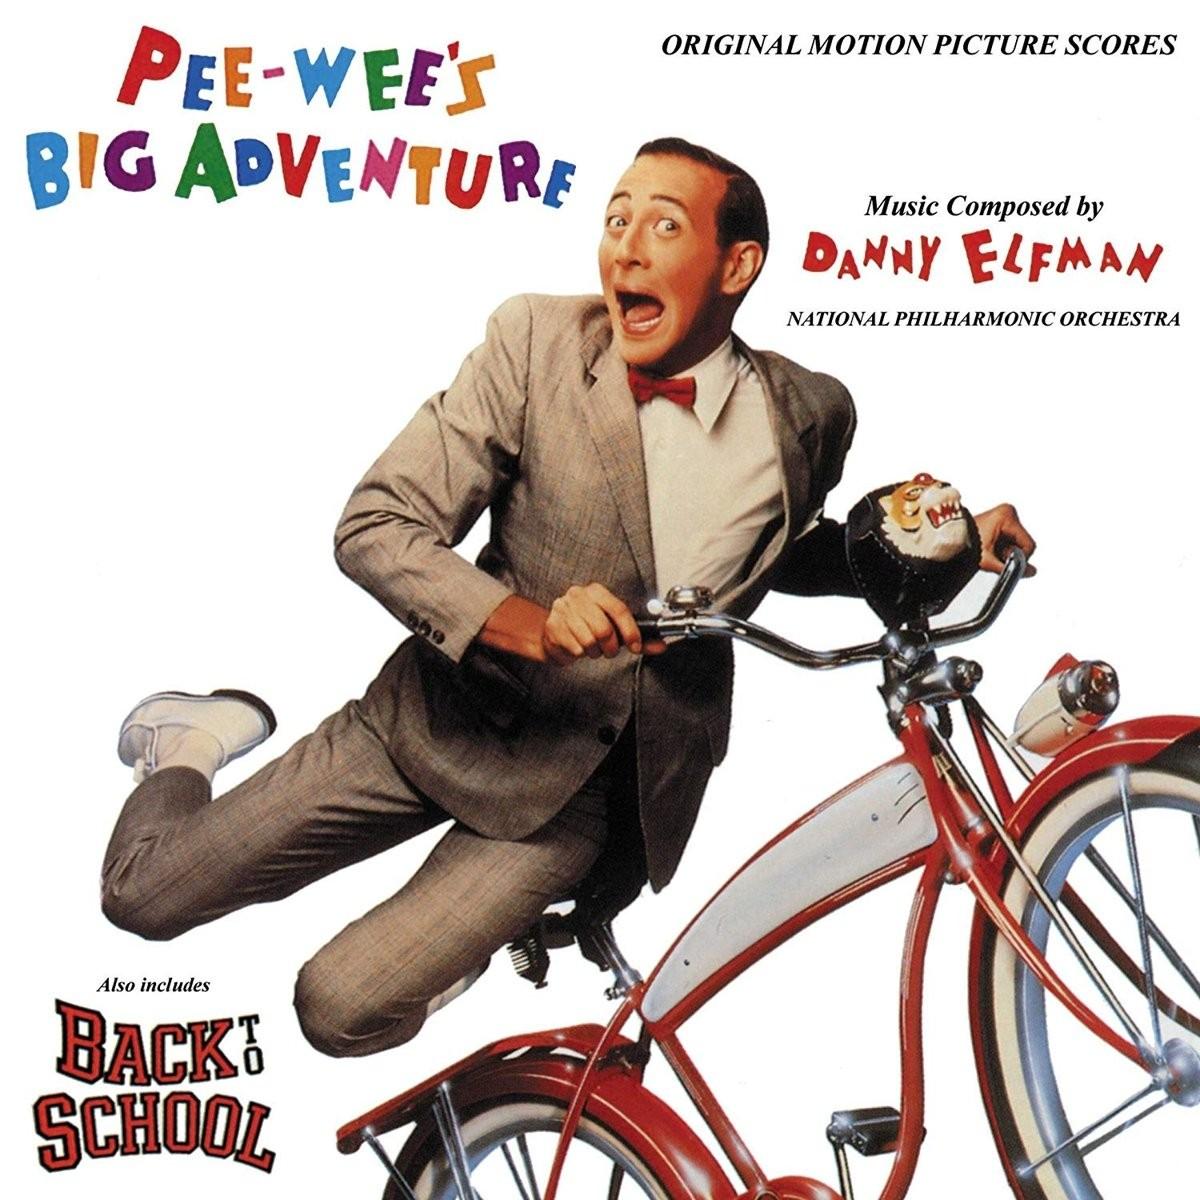 Danny Elfman - Pee-wee's Big Adventure / Back to School (Score) 2XLP vinyl